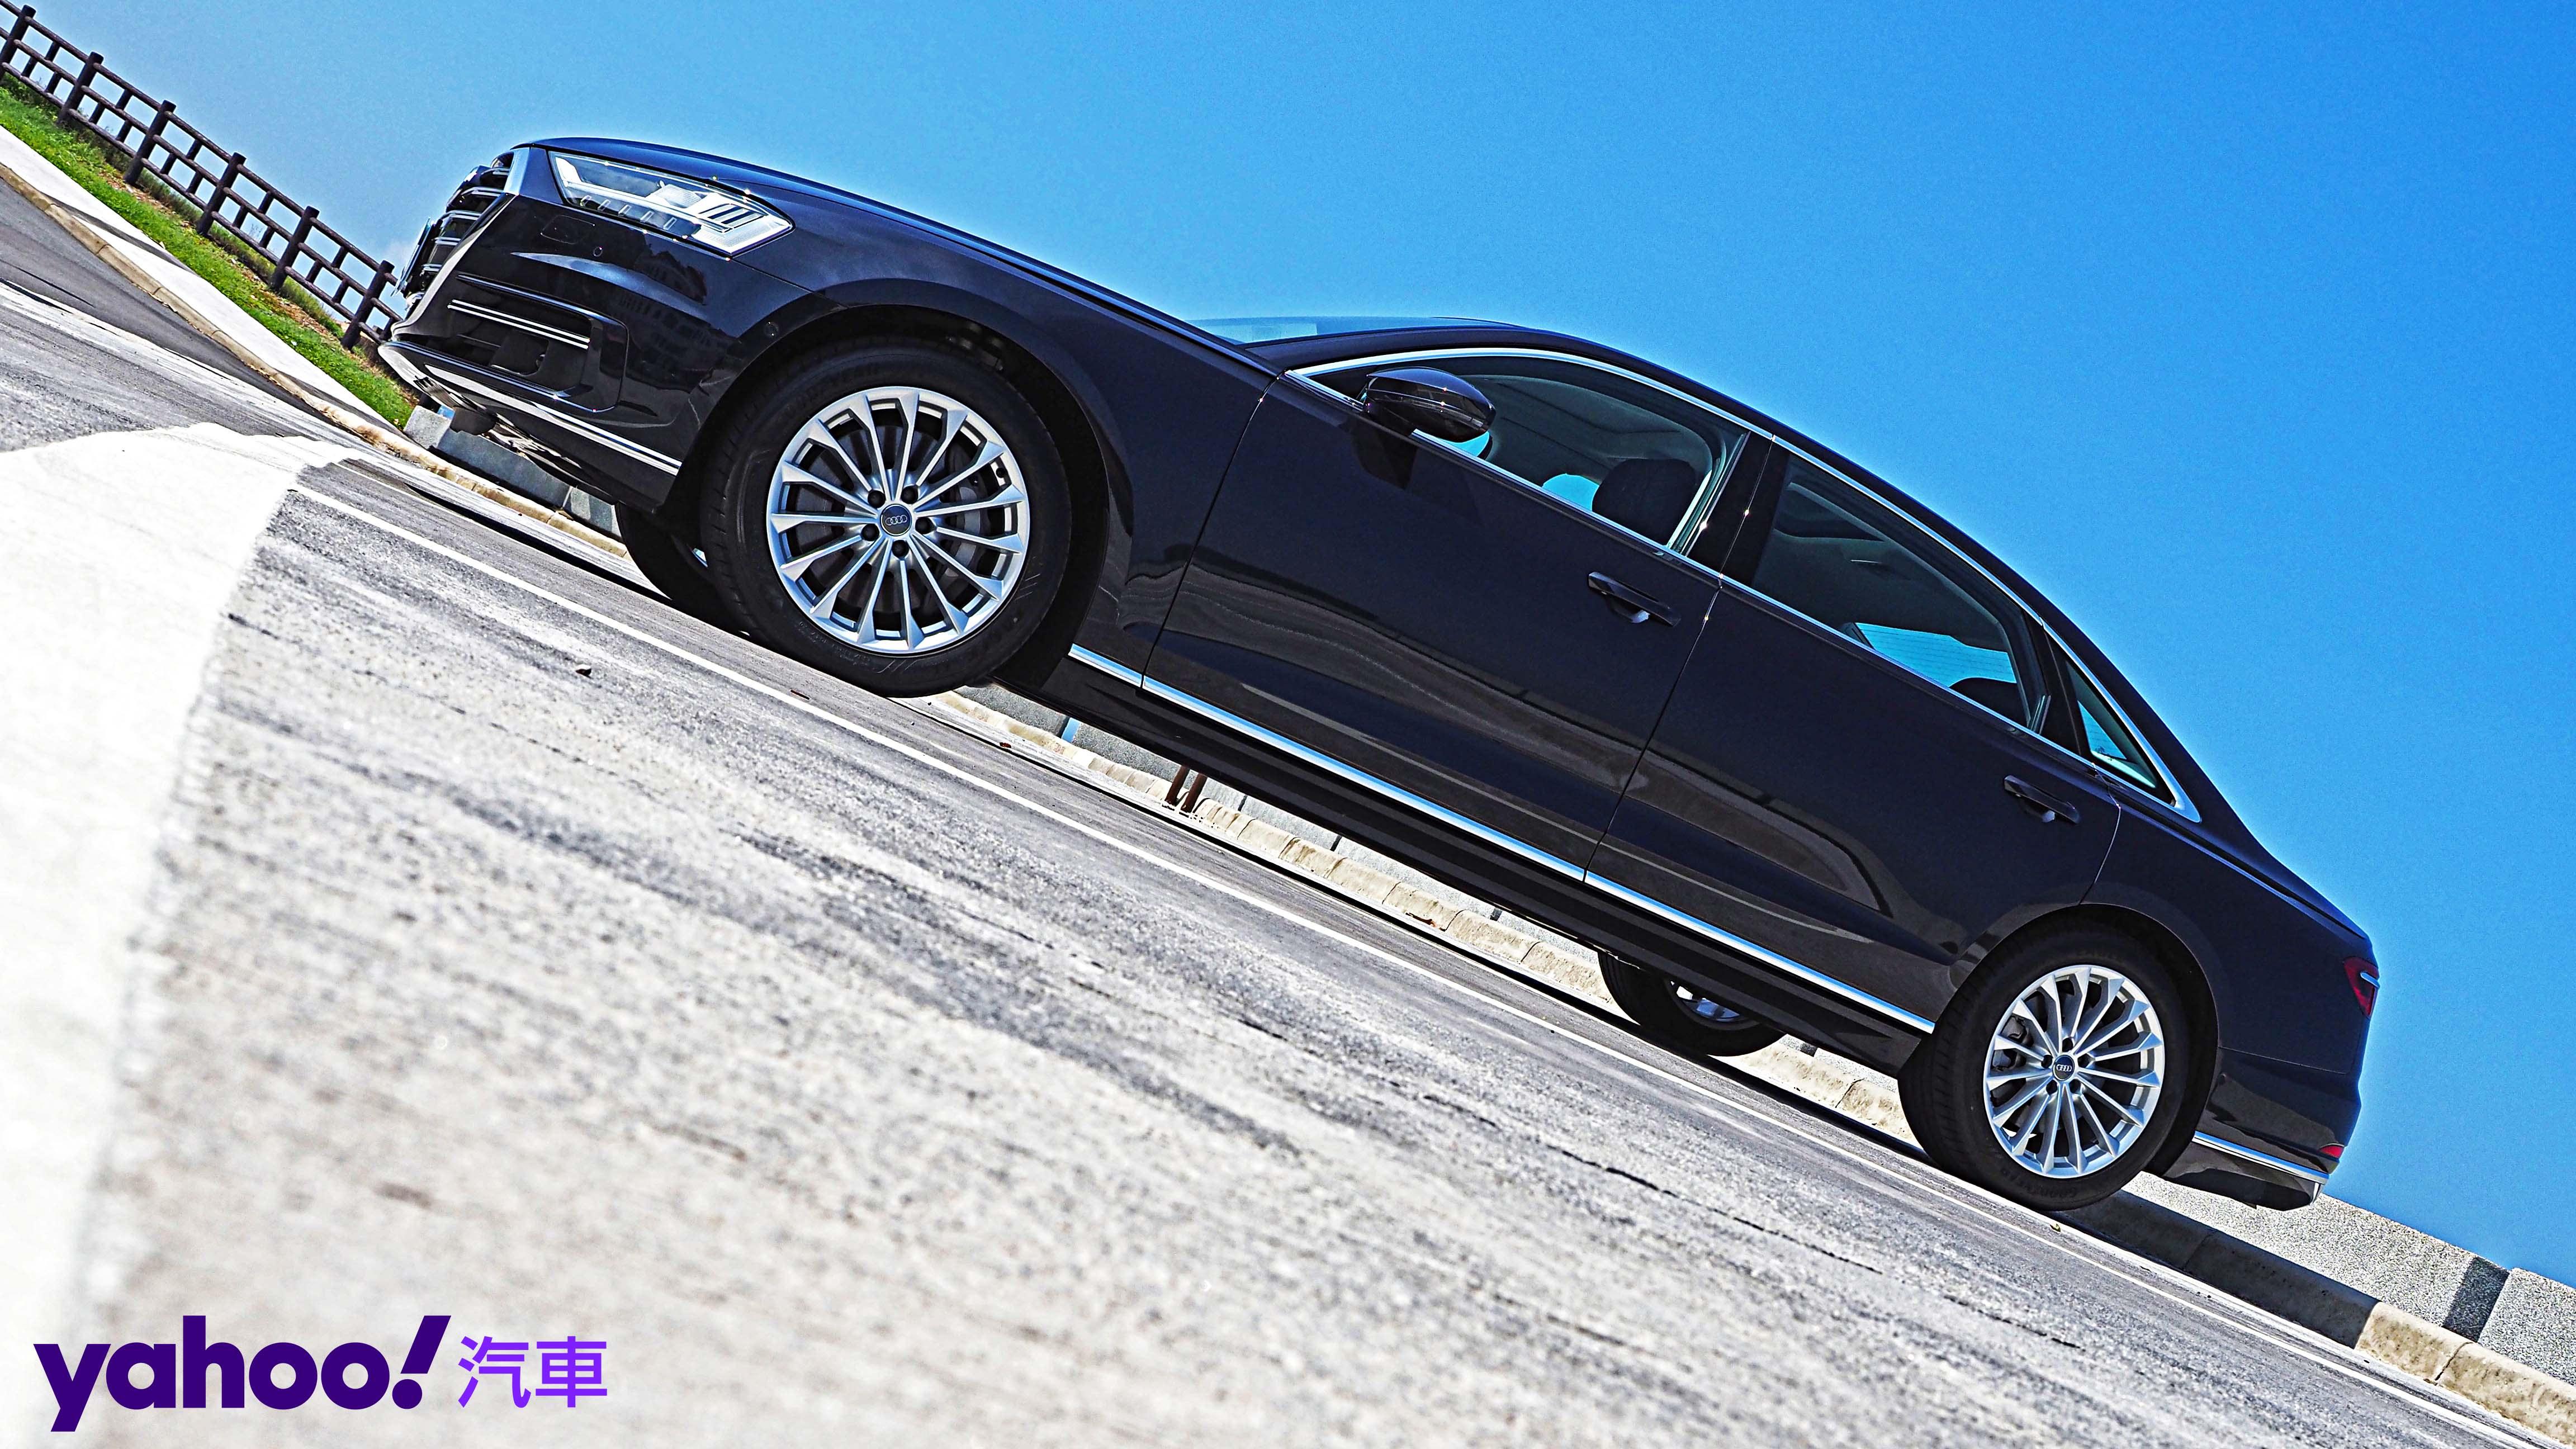 【新車圖輯】全新思維打造旗艦科技玩物!Audi A8 L 55 TFSI quattro Premium總裁級試駕!